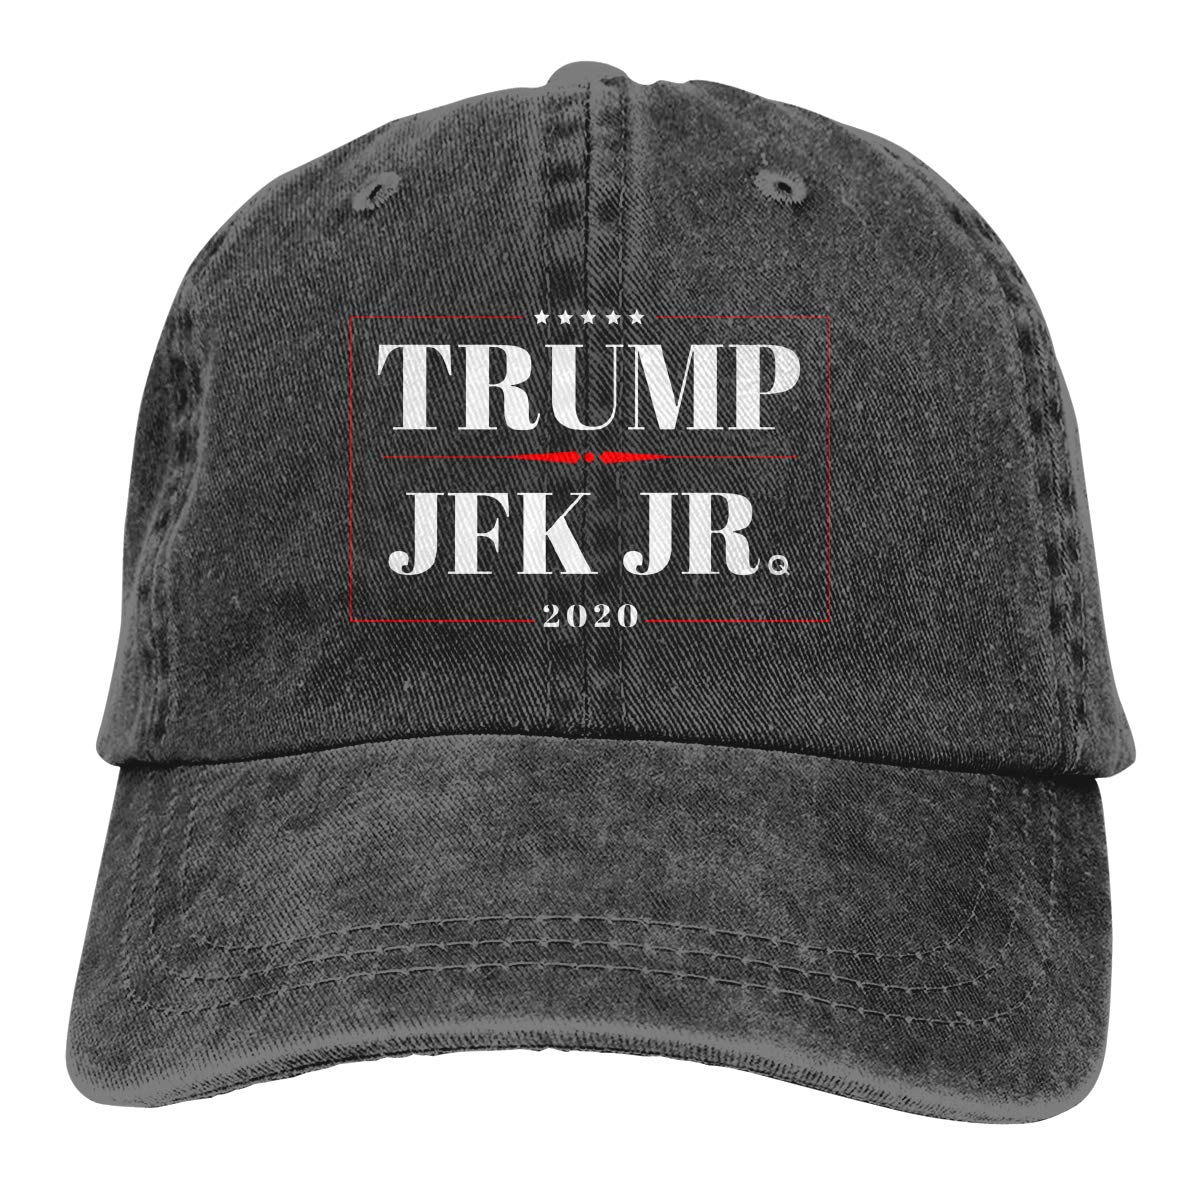 no-brand Donald Trump /& JFK Jr Q 2020 Campaign Adjustable Baseball Caps Denim Hats Cowboy Sport Outdoor